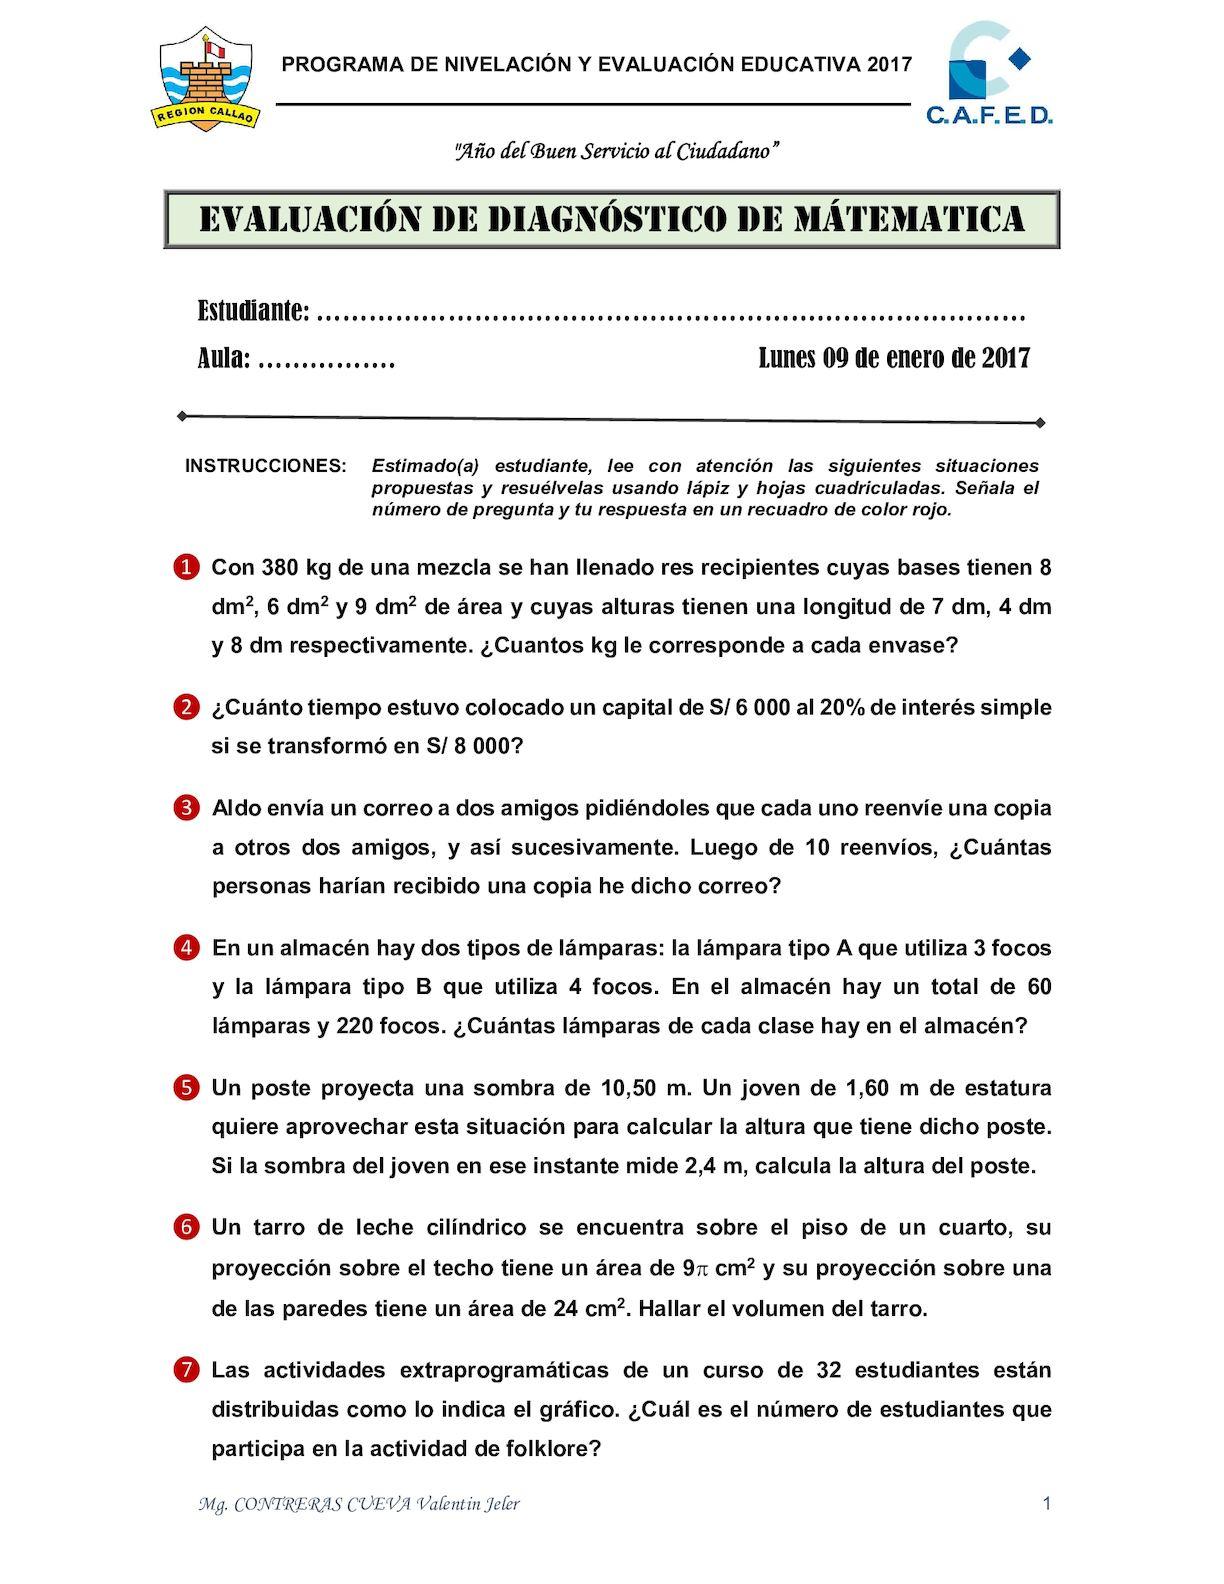 Evaluación Diagnóstica Matemática Pnee